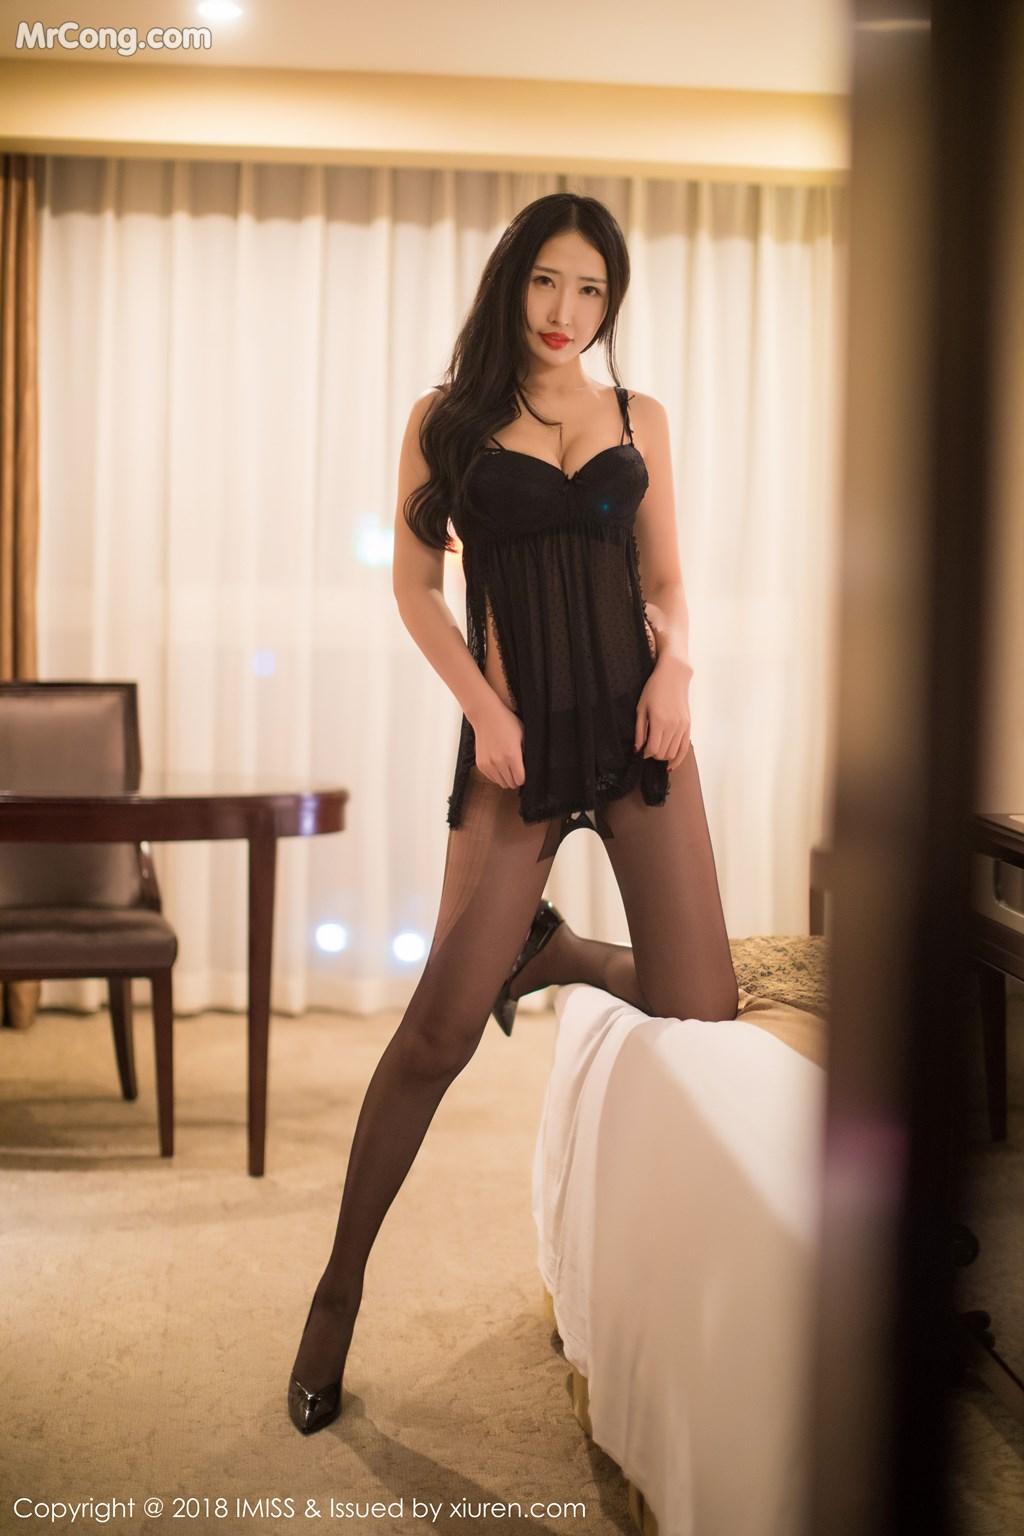 Image IMISS-Vol.246-Yu-Xin-Yan-MrCong.com-006 in post IMISS Vol.246: Người mẫu Yu Xin Yan (余馨妍) (42 ảnh)